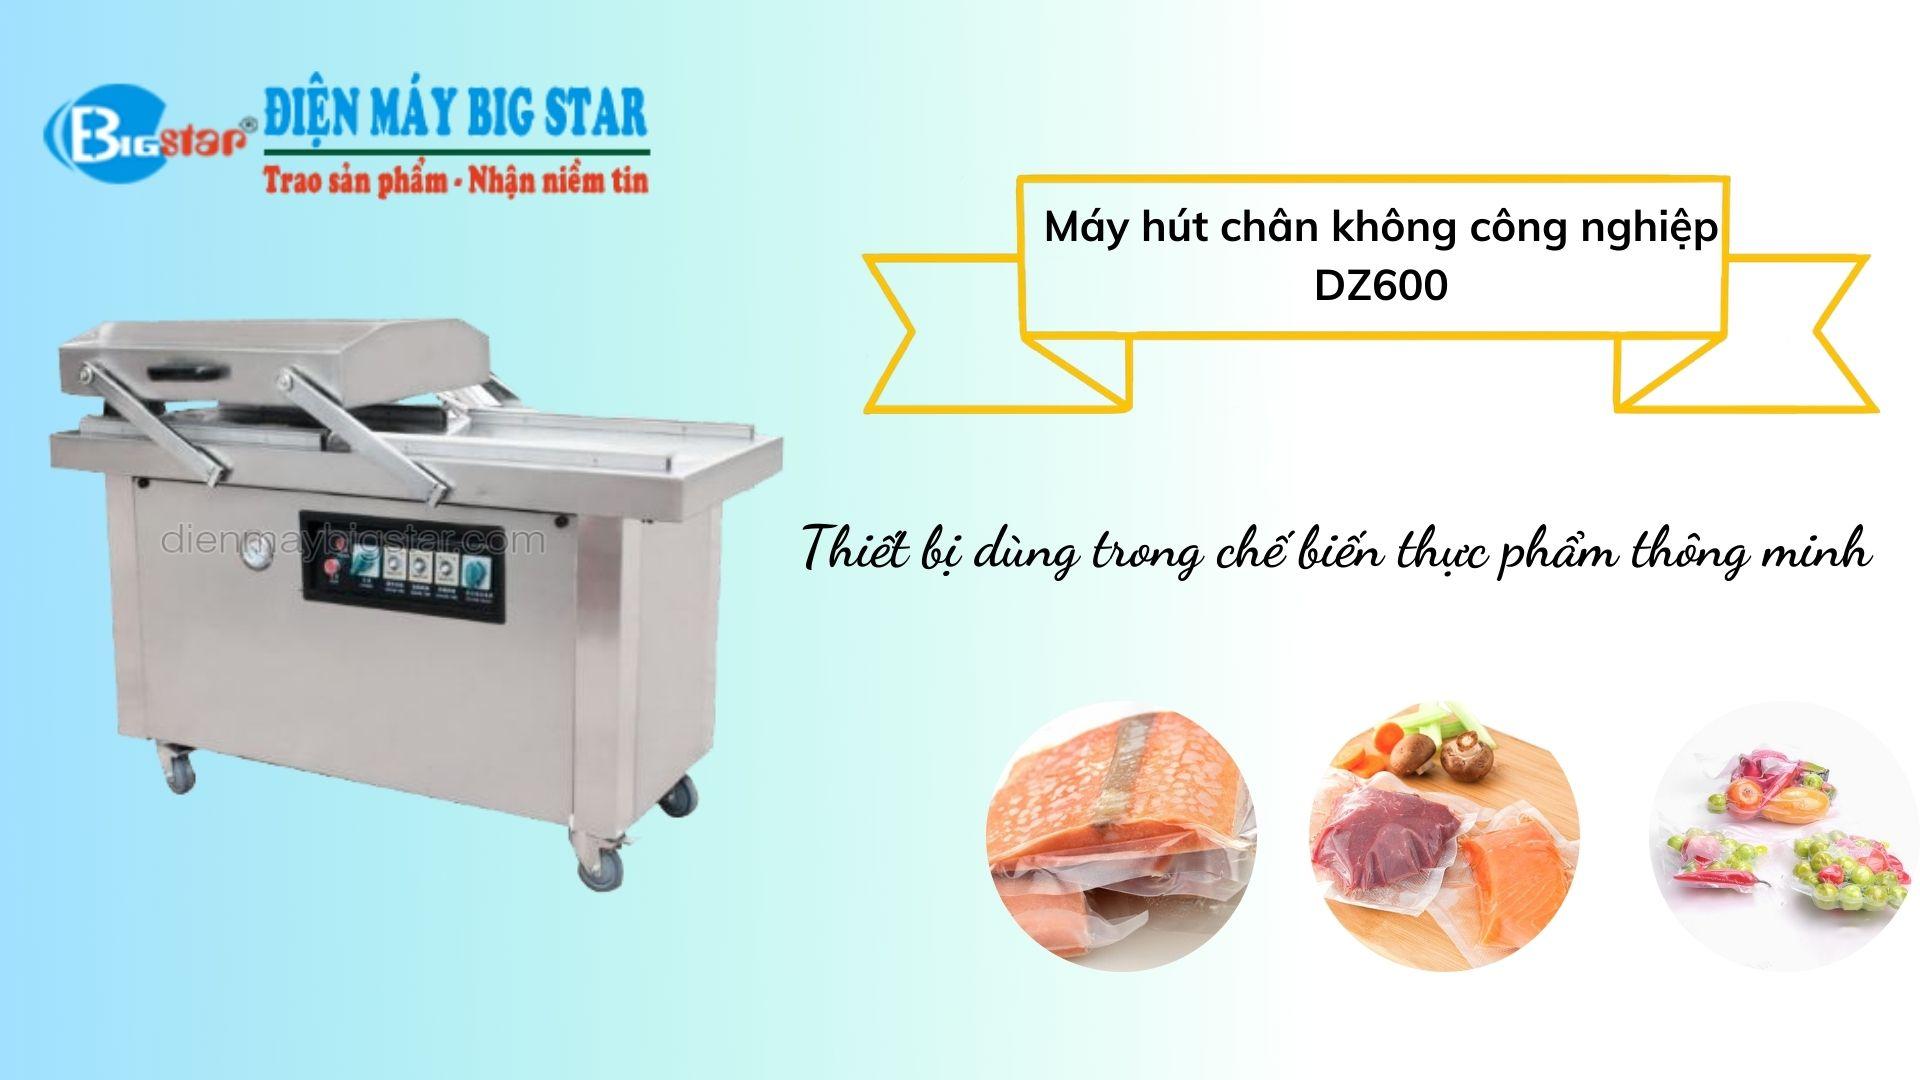 may-hut-chan-khong-cong-nghiep-dz600